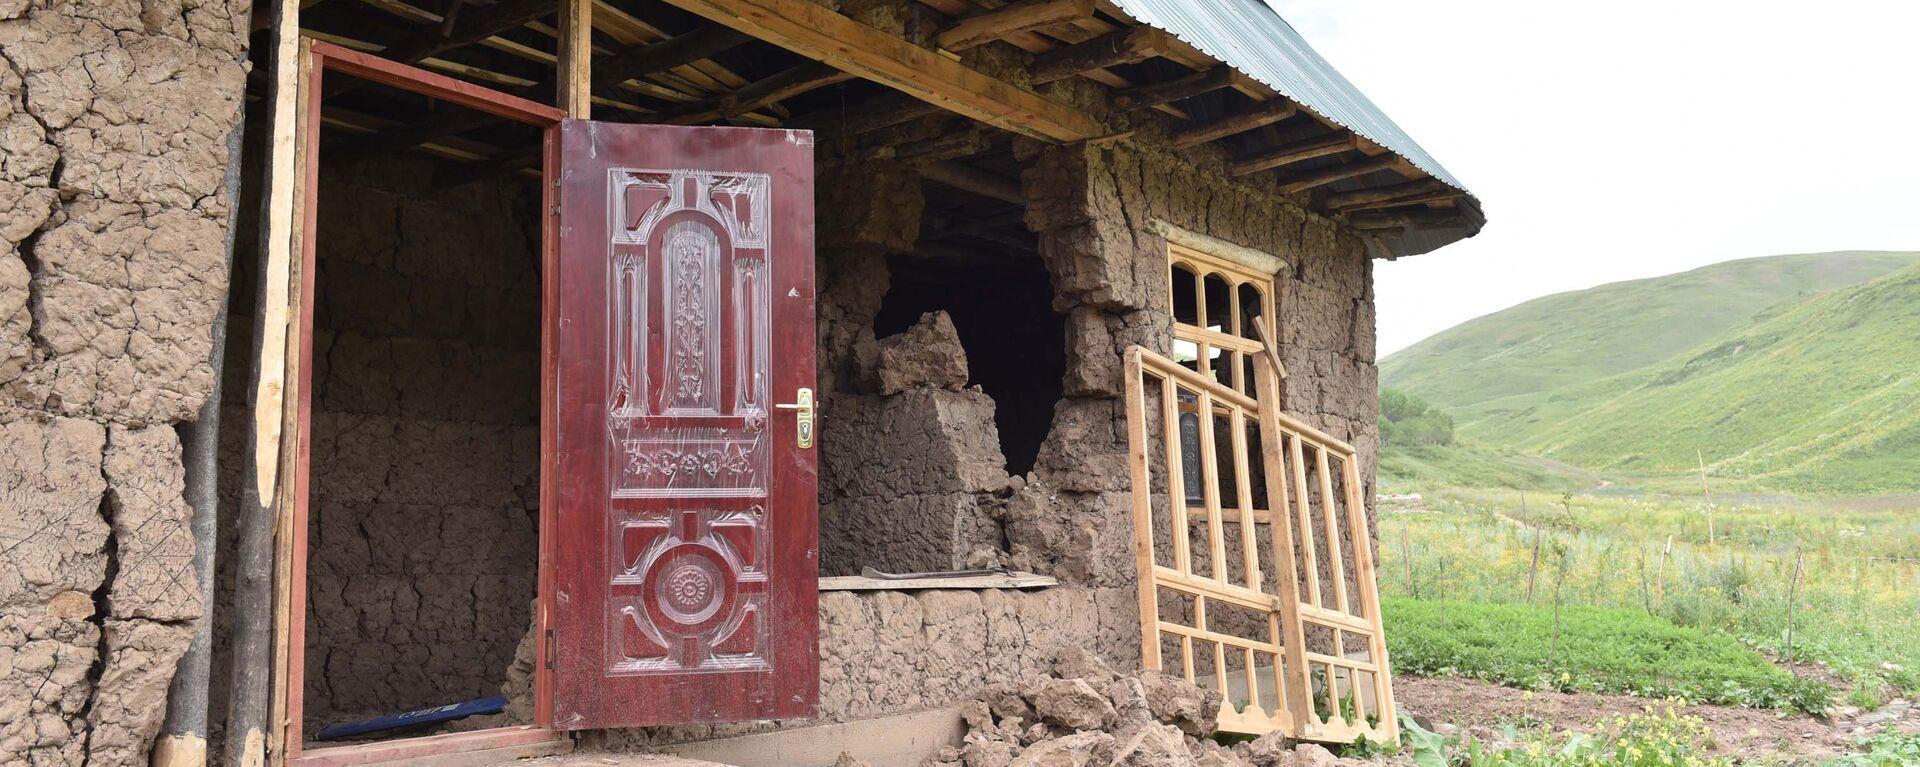 Кадры разрушенных домов после землетрясения в Раштском районе - Sputnik Таджикистан, 1920, 03.02.2021